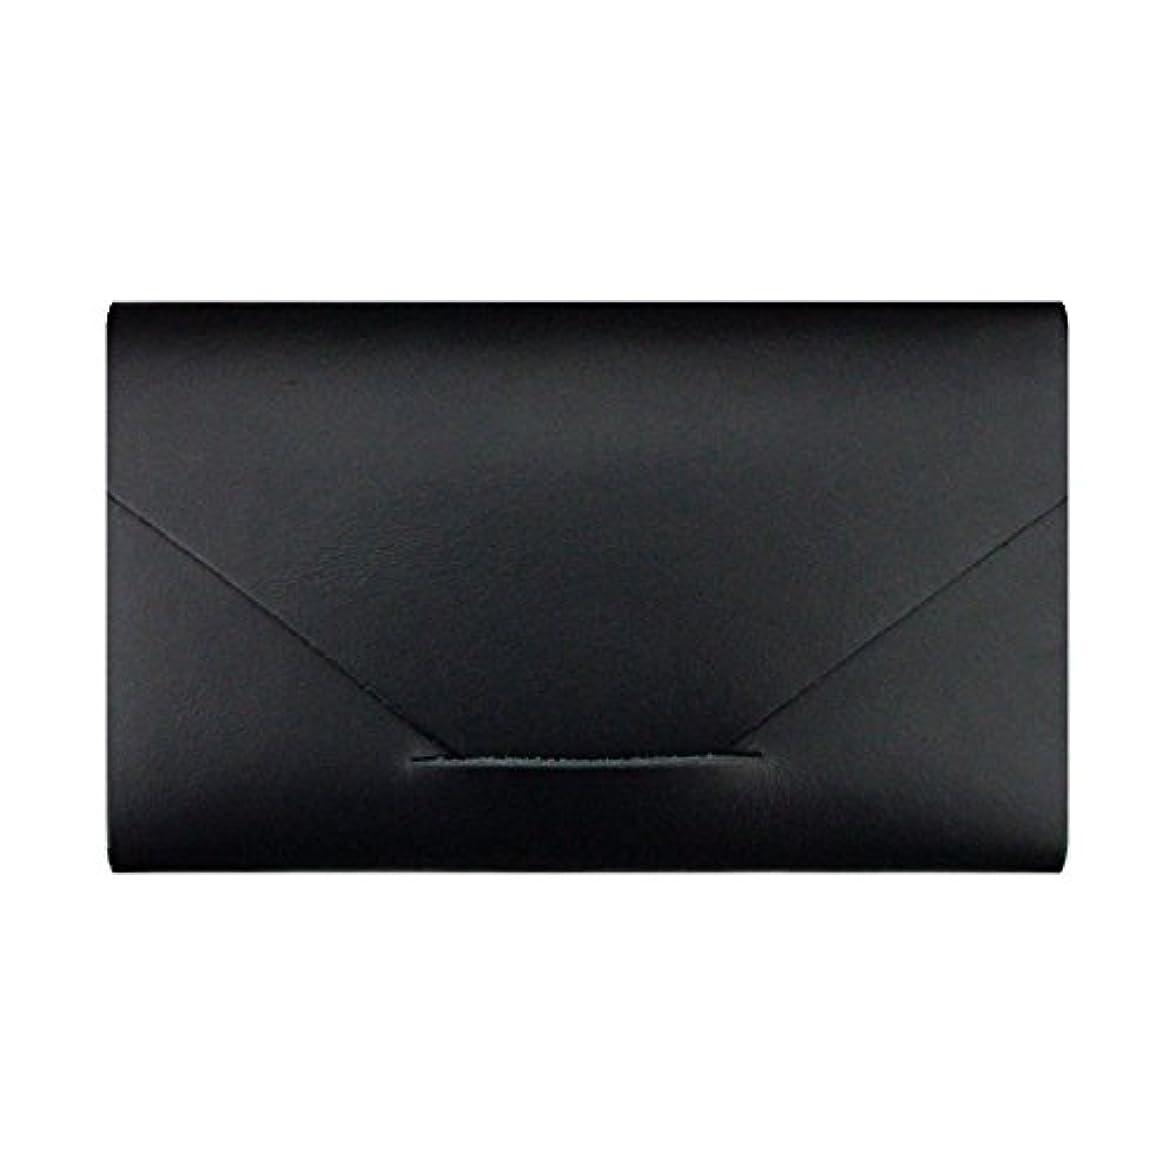 実験をする振動するコンテンポラリーMODERN AGE TOKYO 2 カードケース(サシェ3種入) ブラック BLACK CARD CASE モダンエイジトウキョウツー